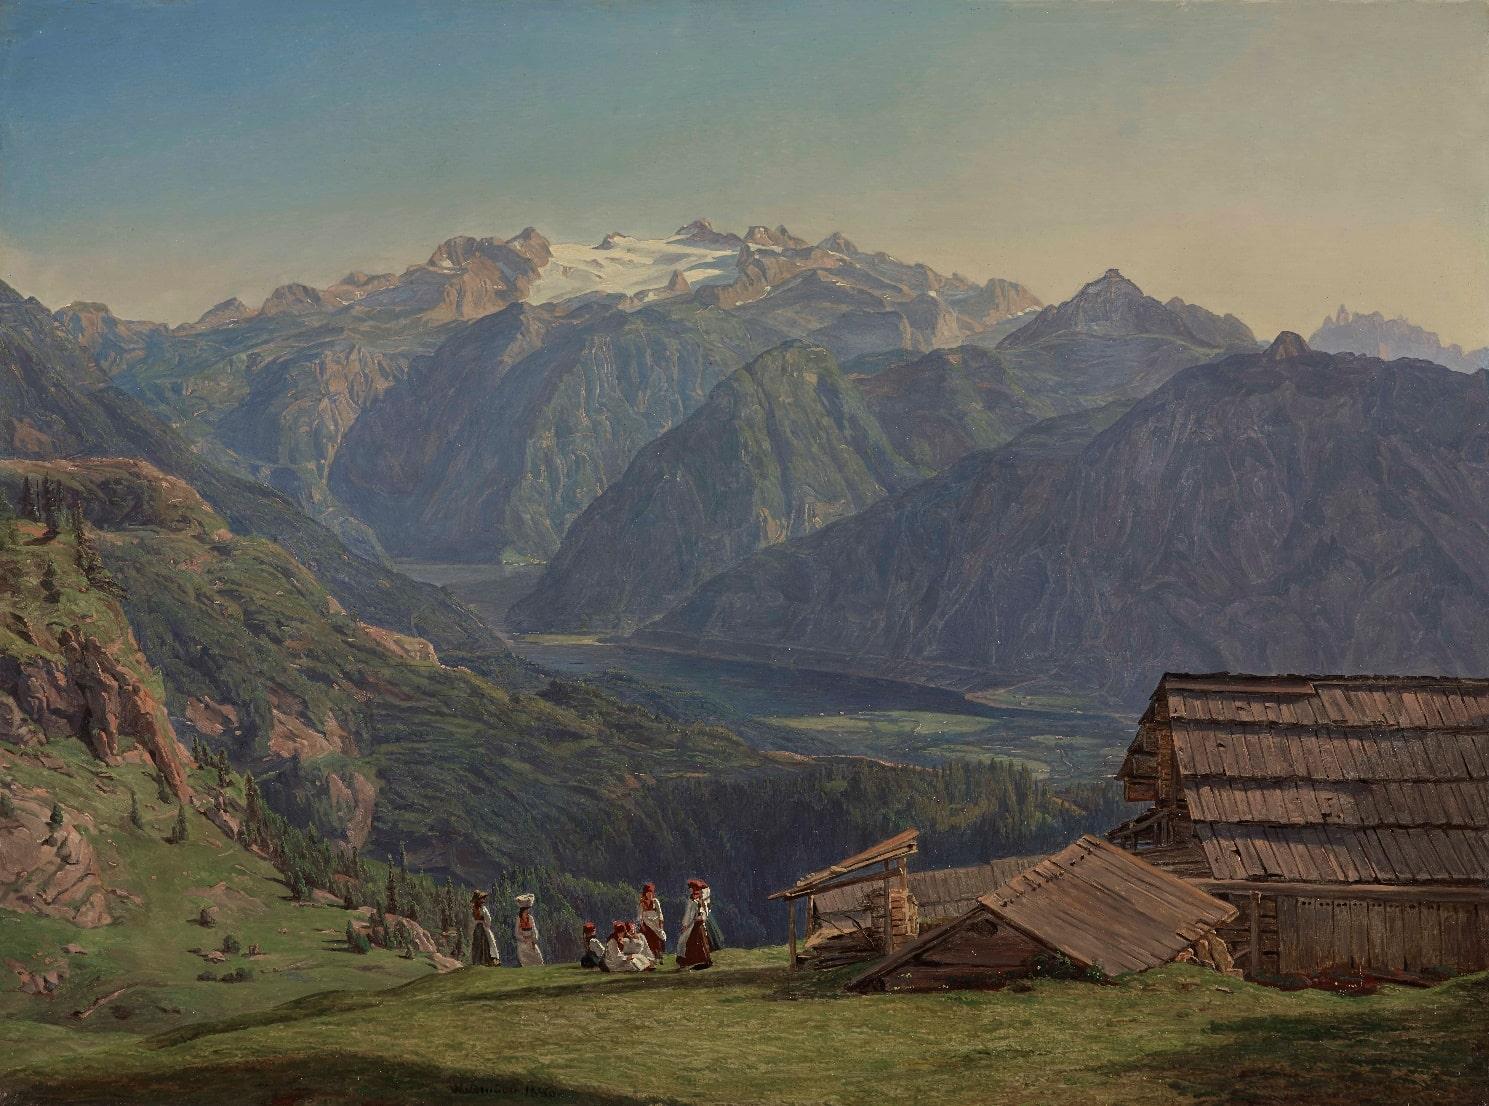 イシュル近くのヒュッテンエック高原からのハルシュタット湖の眺望